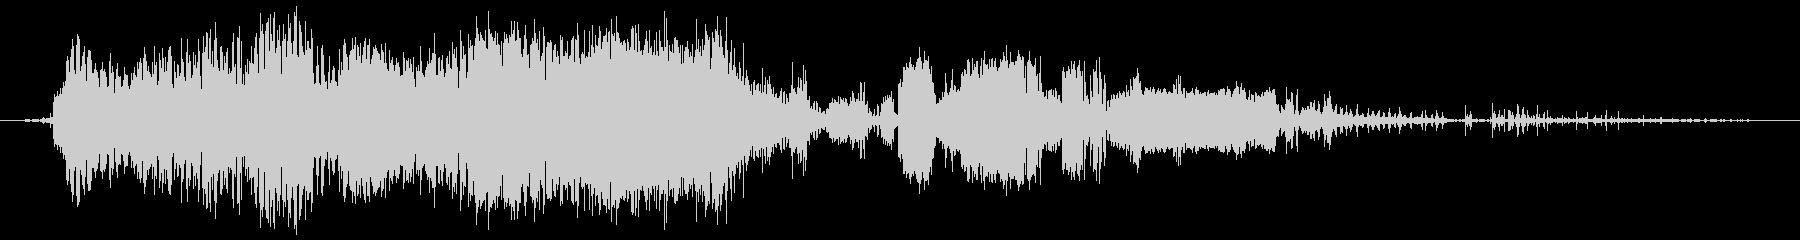 バウンドスパークバーストの未再生の波形